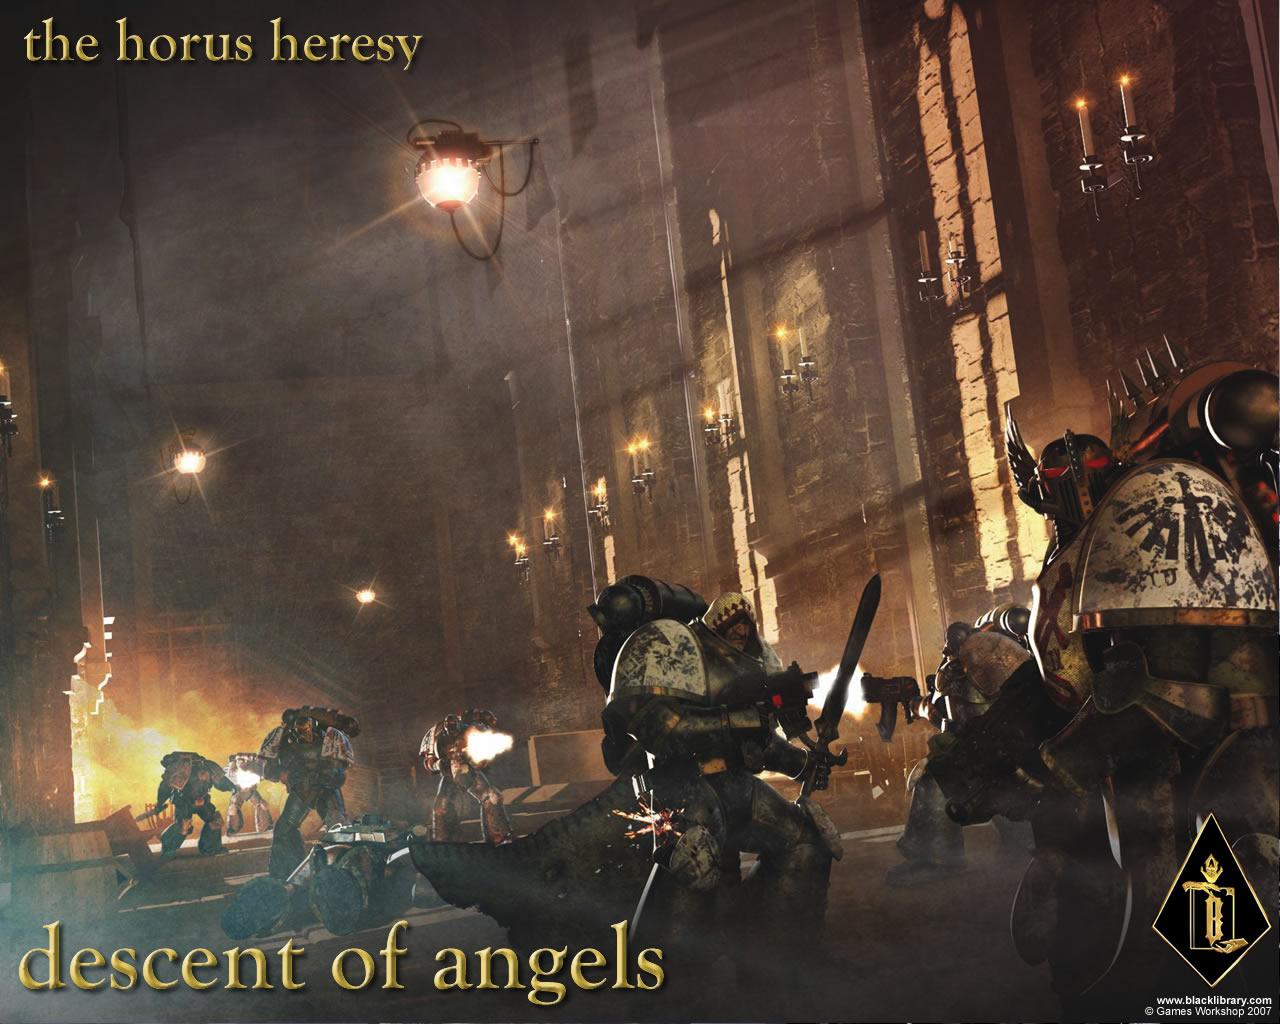 descent-angels-big - -